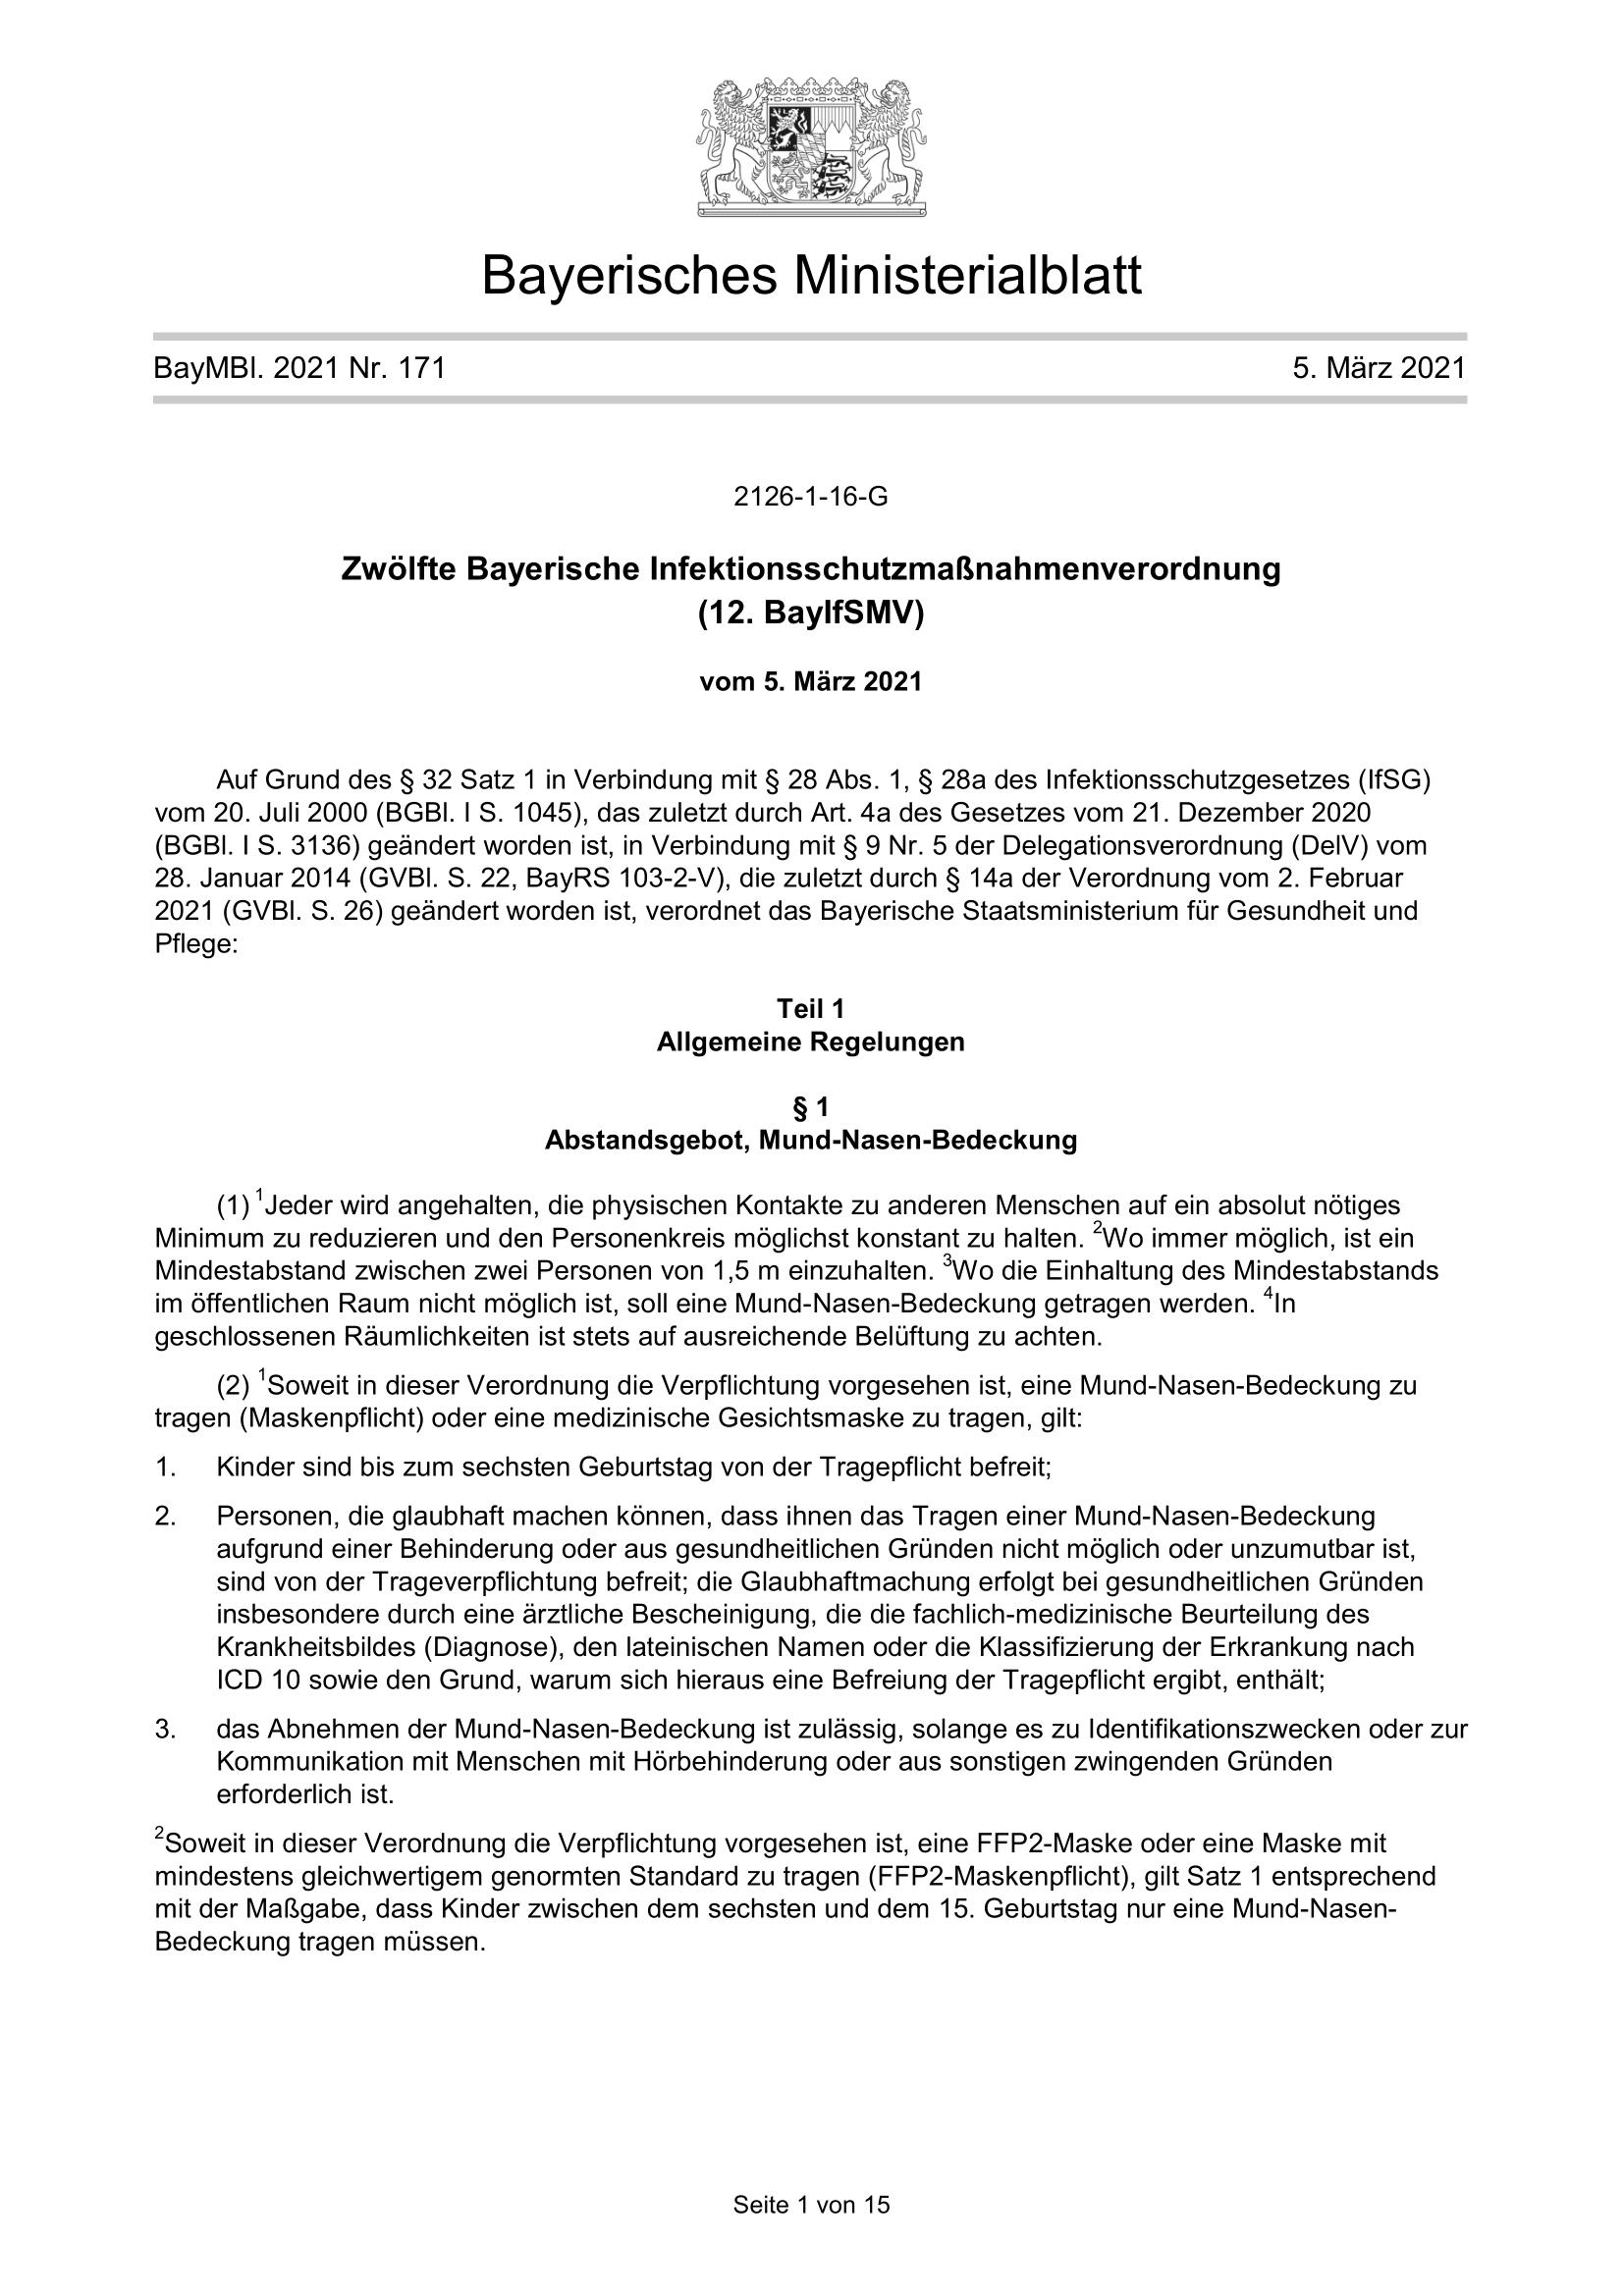 baymbl-2021-171-01